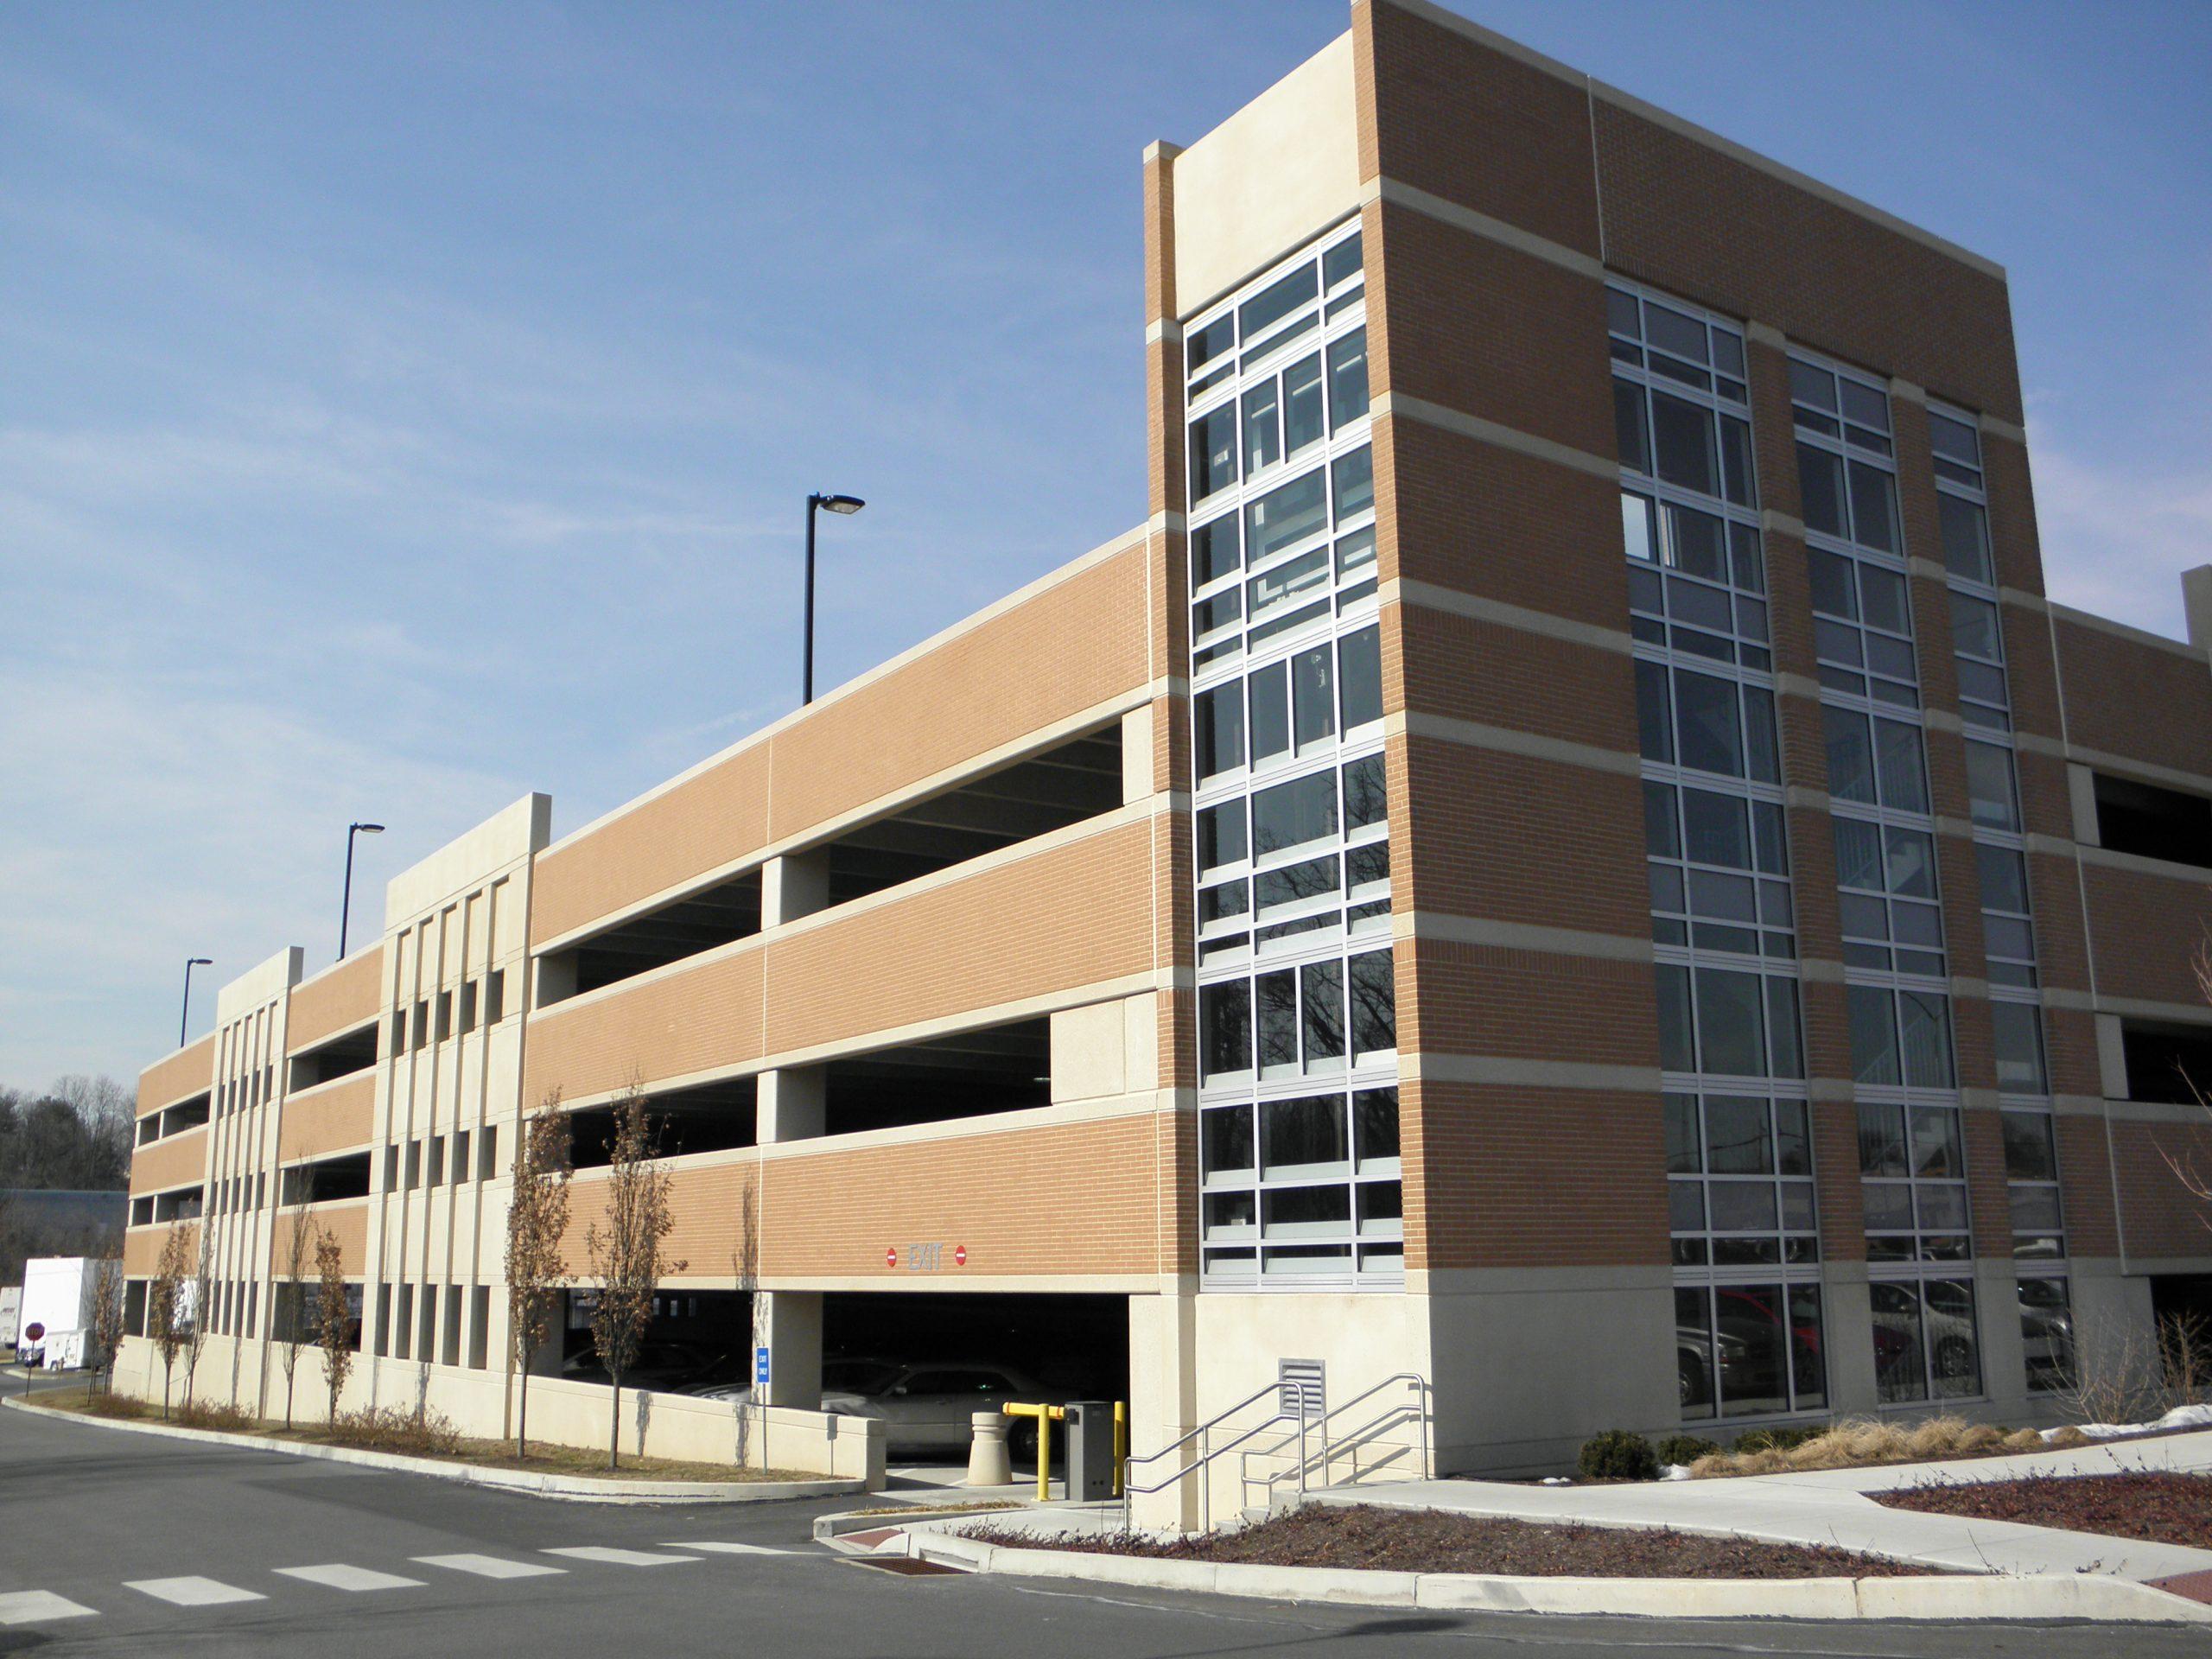 Riddle Memorial Hospital Parking Garage